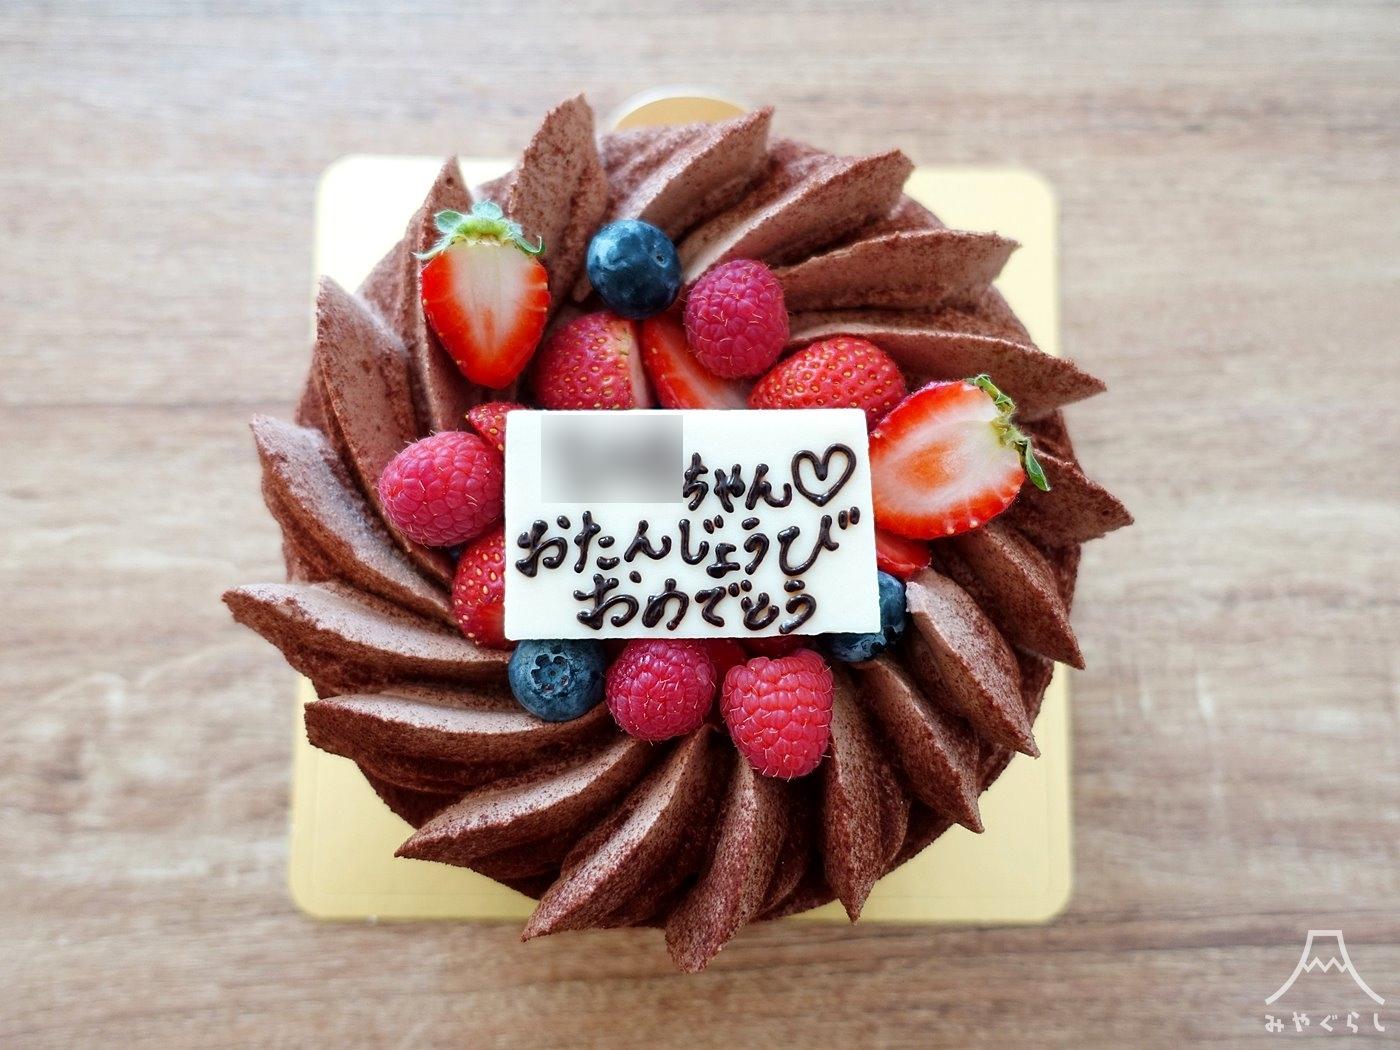 赤池商店の誕生日ケーキ